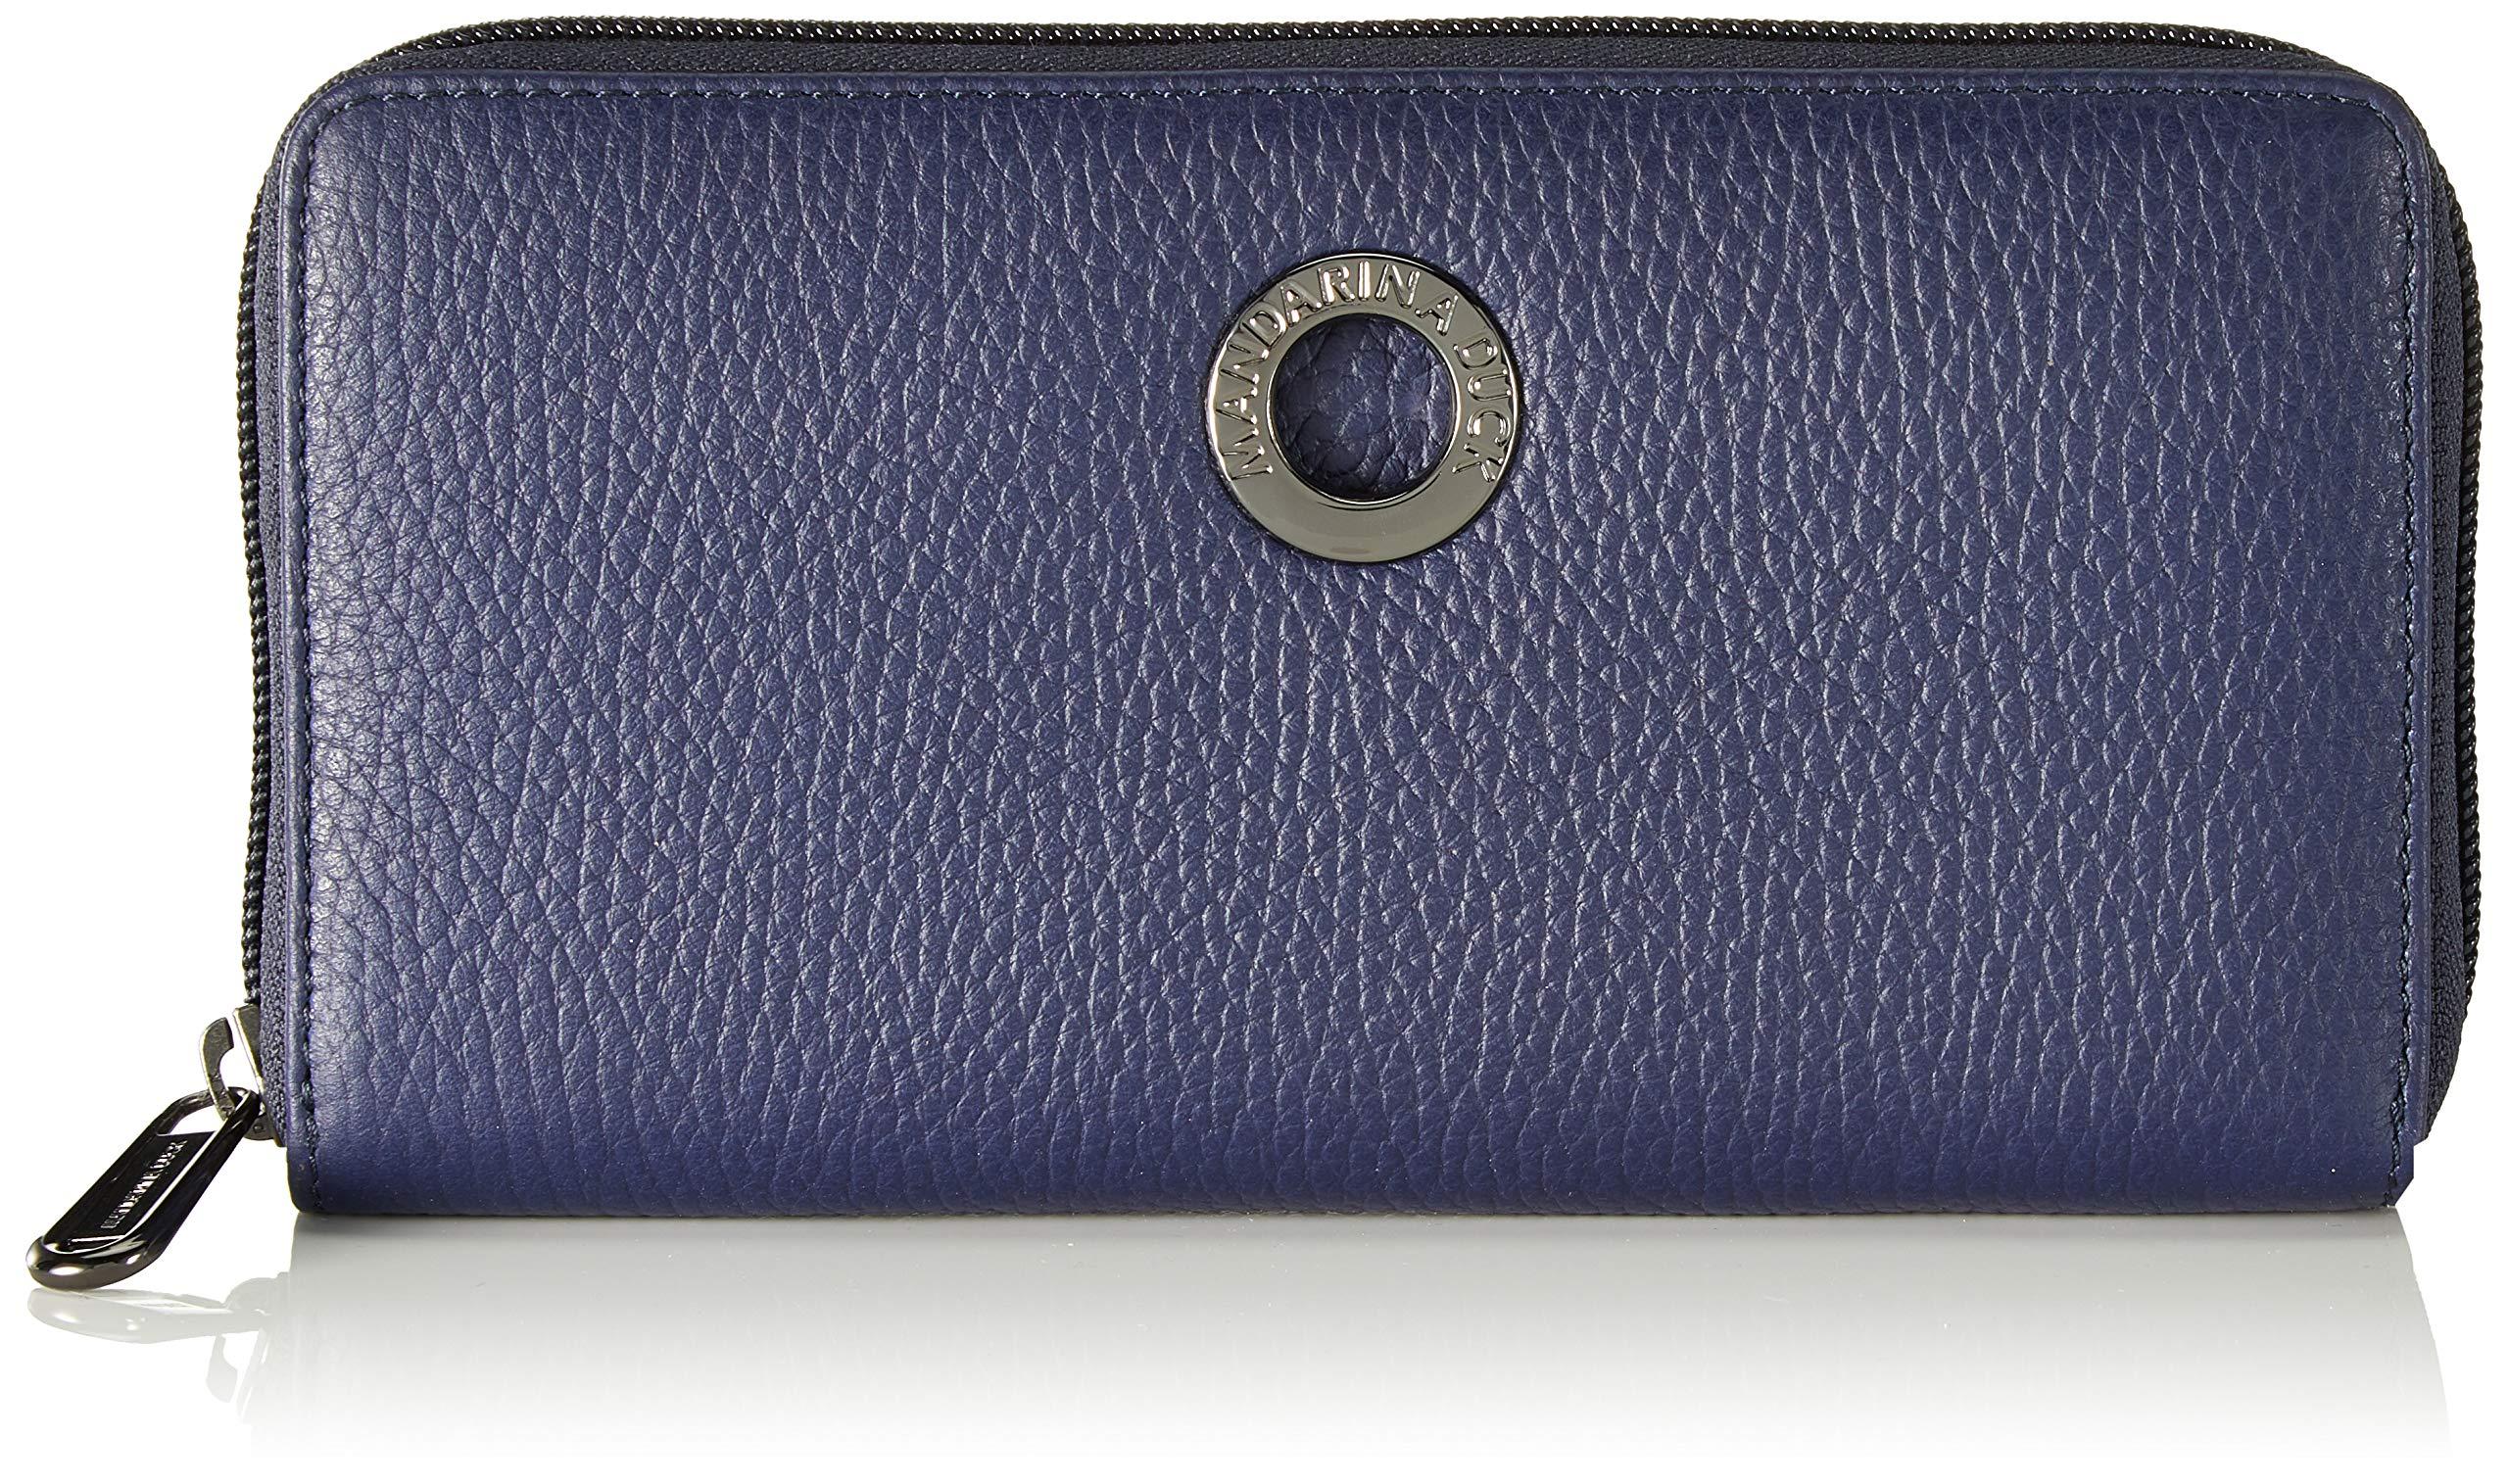 Mandarina Duck Handtaschen Taschen FZP61 dress blue Blau Dv2B7